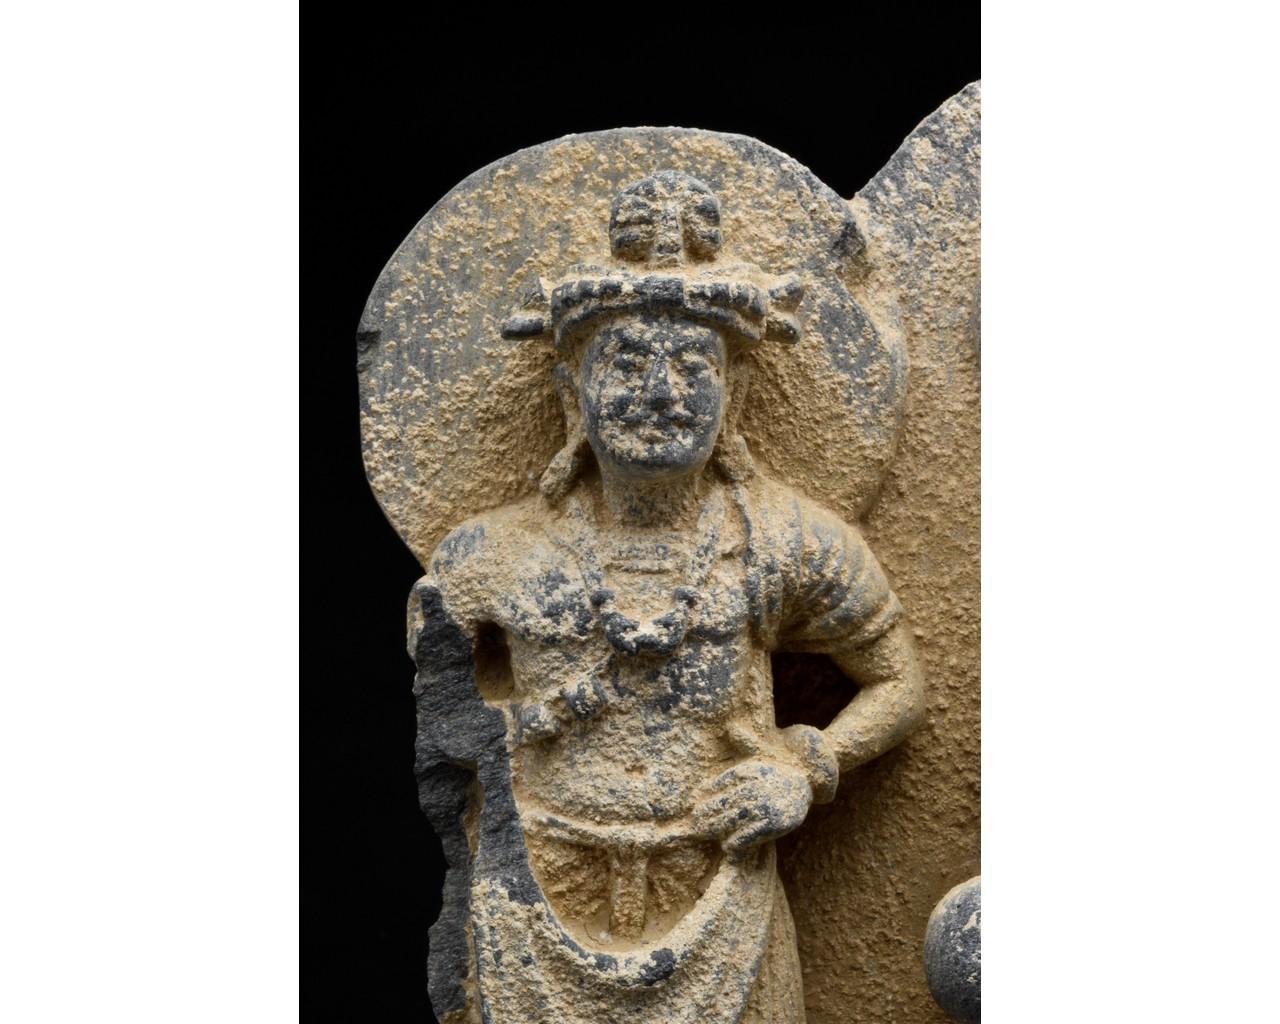 GANDHARA SCHIST STONE PANEL WITH THREE BUDDHAS - Image 6 of 6